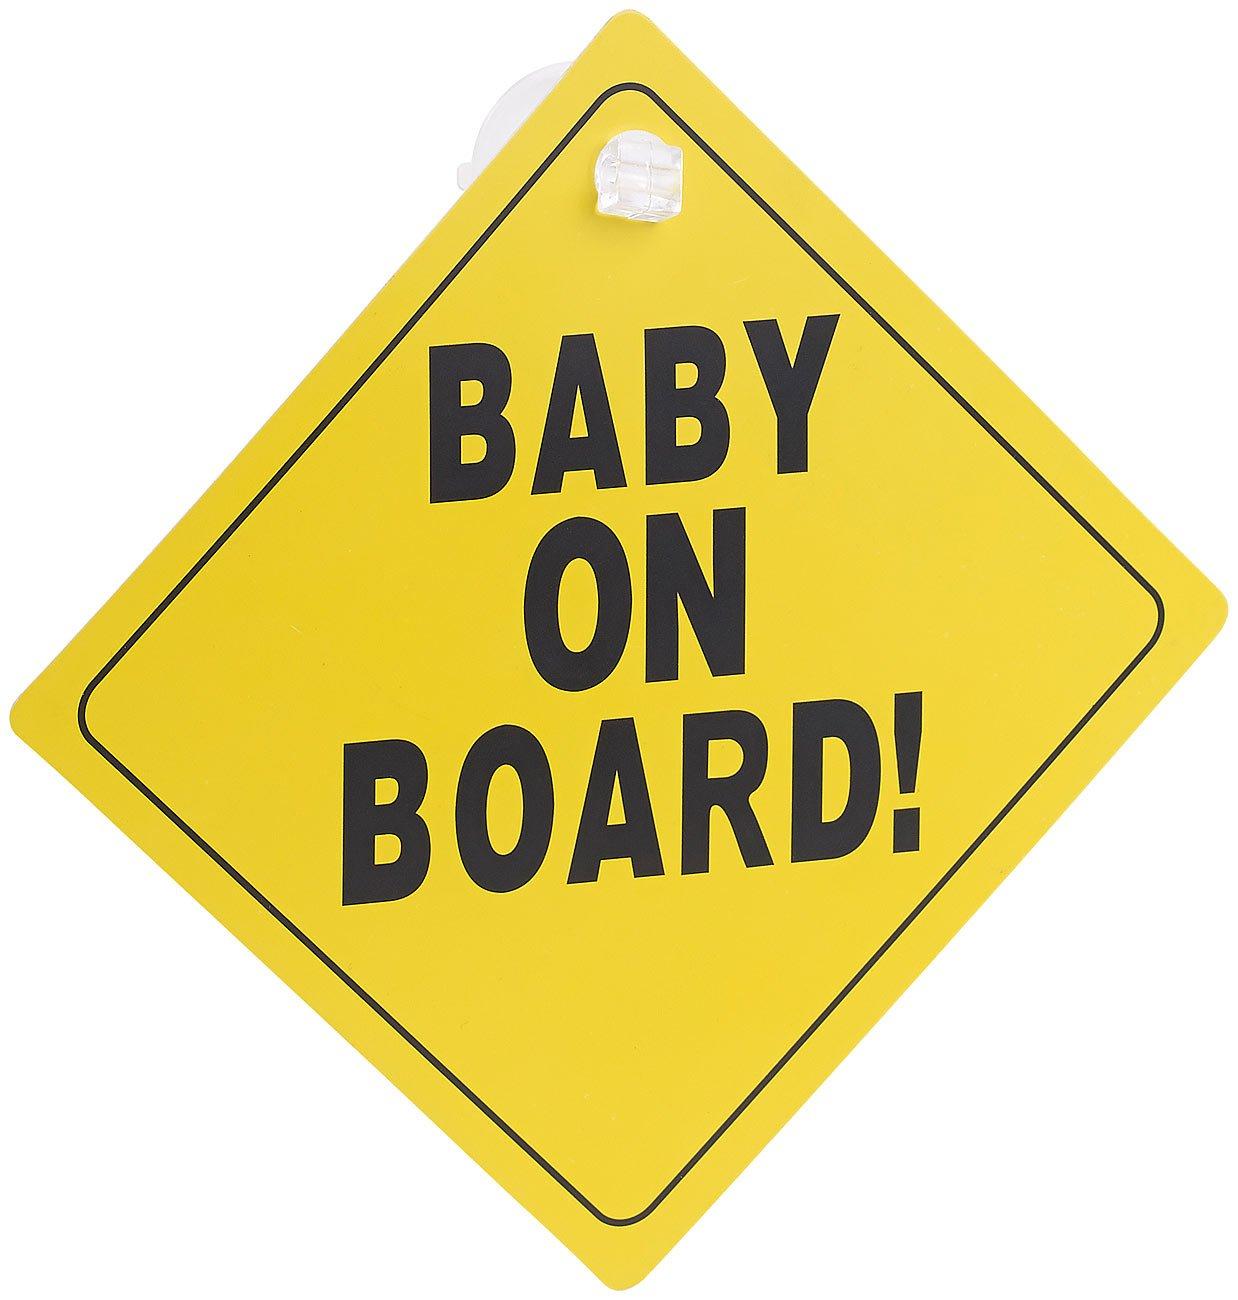 infactory Baby-Schilder für Autos: SchildBaby on Board mit Saugnapfbefestigung, PVC, 135 x 135 mm (Baby-Schild für Auto) No-Name